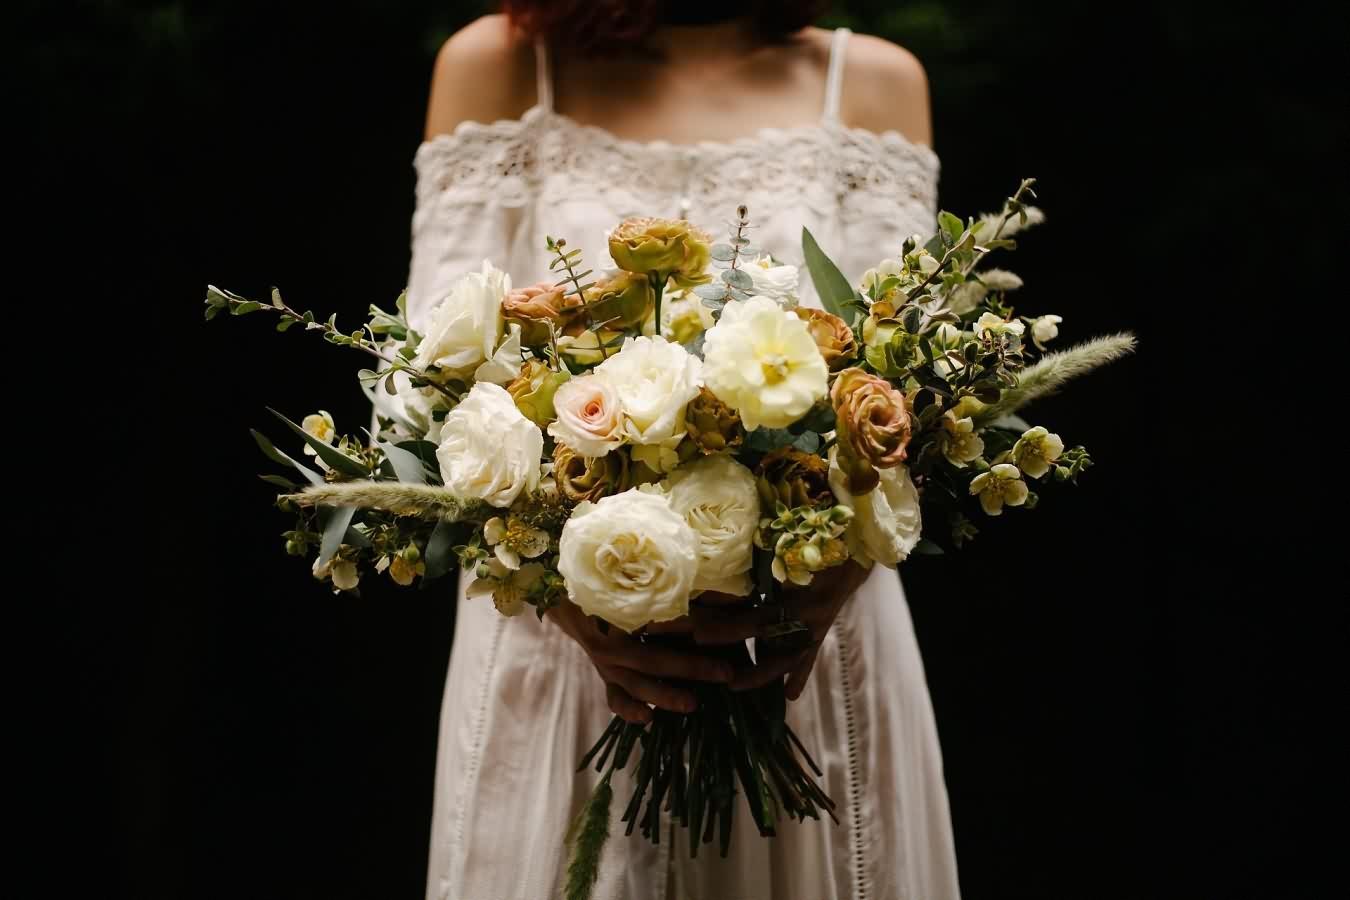 bouquet-2563485_1920